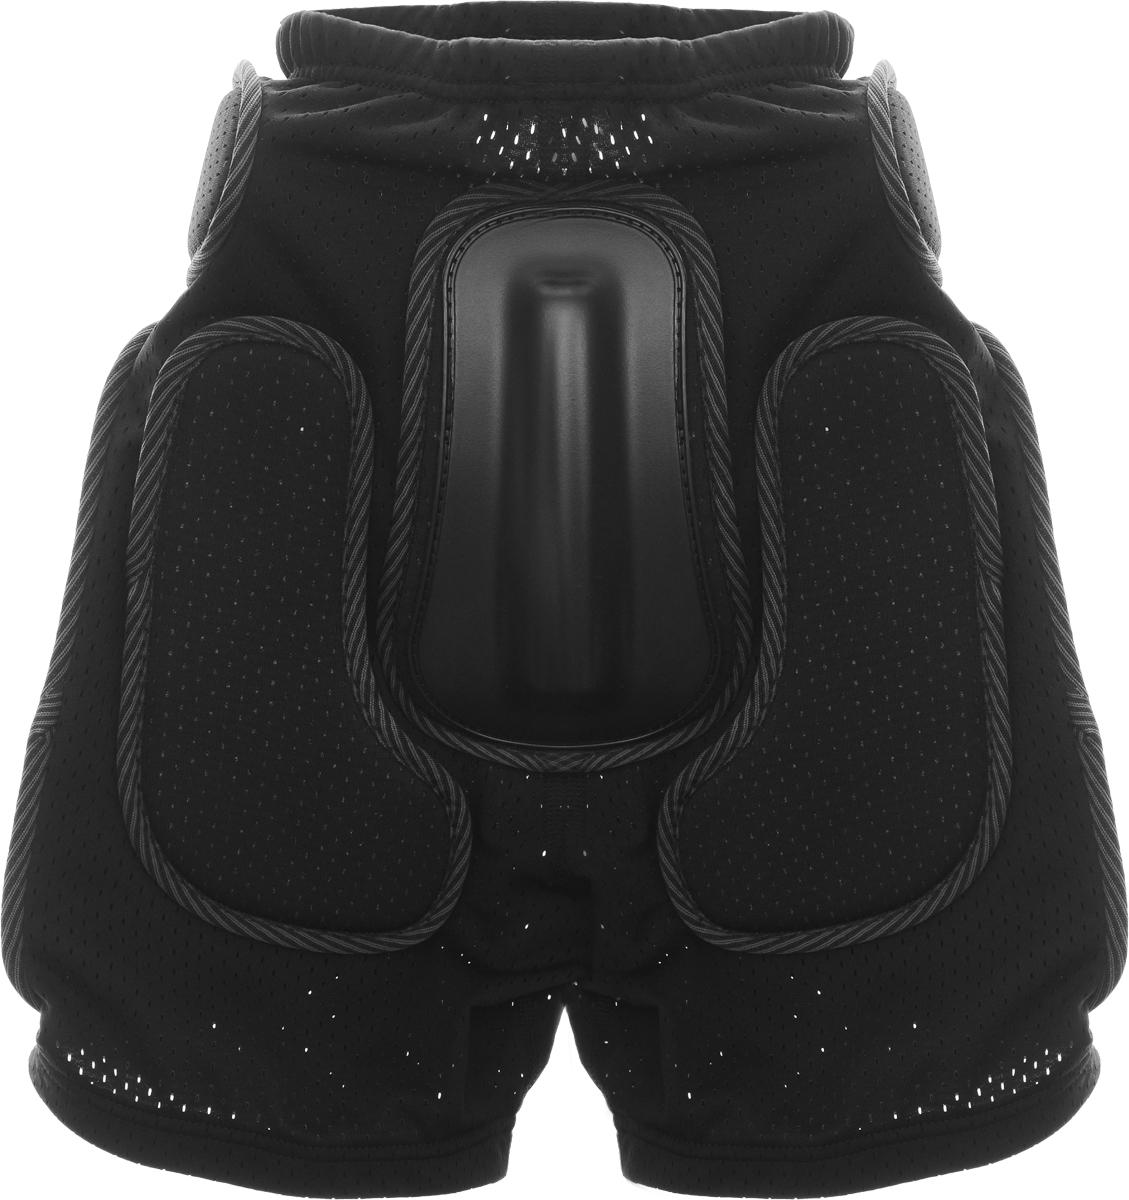 Фото - Шорты защитные Biont Комфорт, цвет: черный, размер XL самосбросы горнолыжные biont цвет черный размер l 48 50